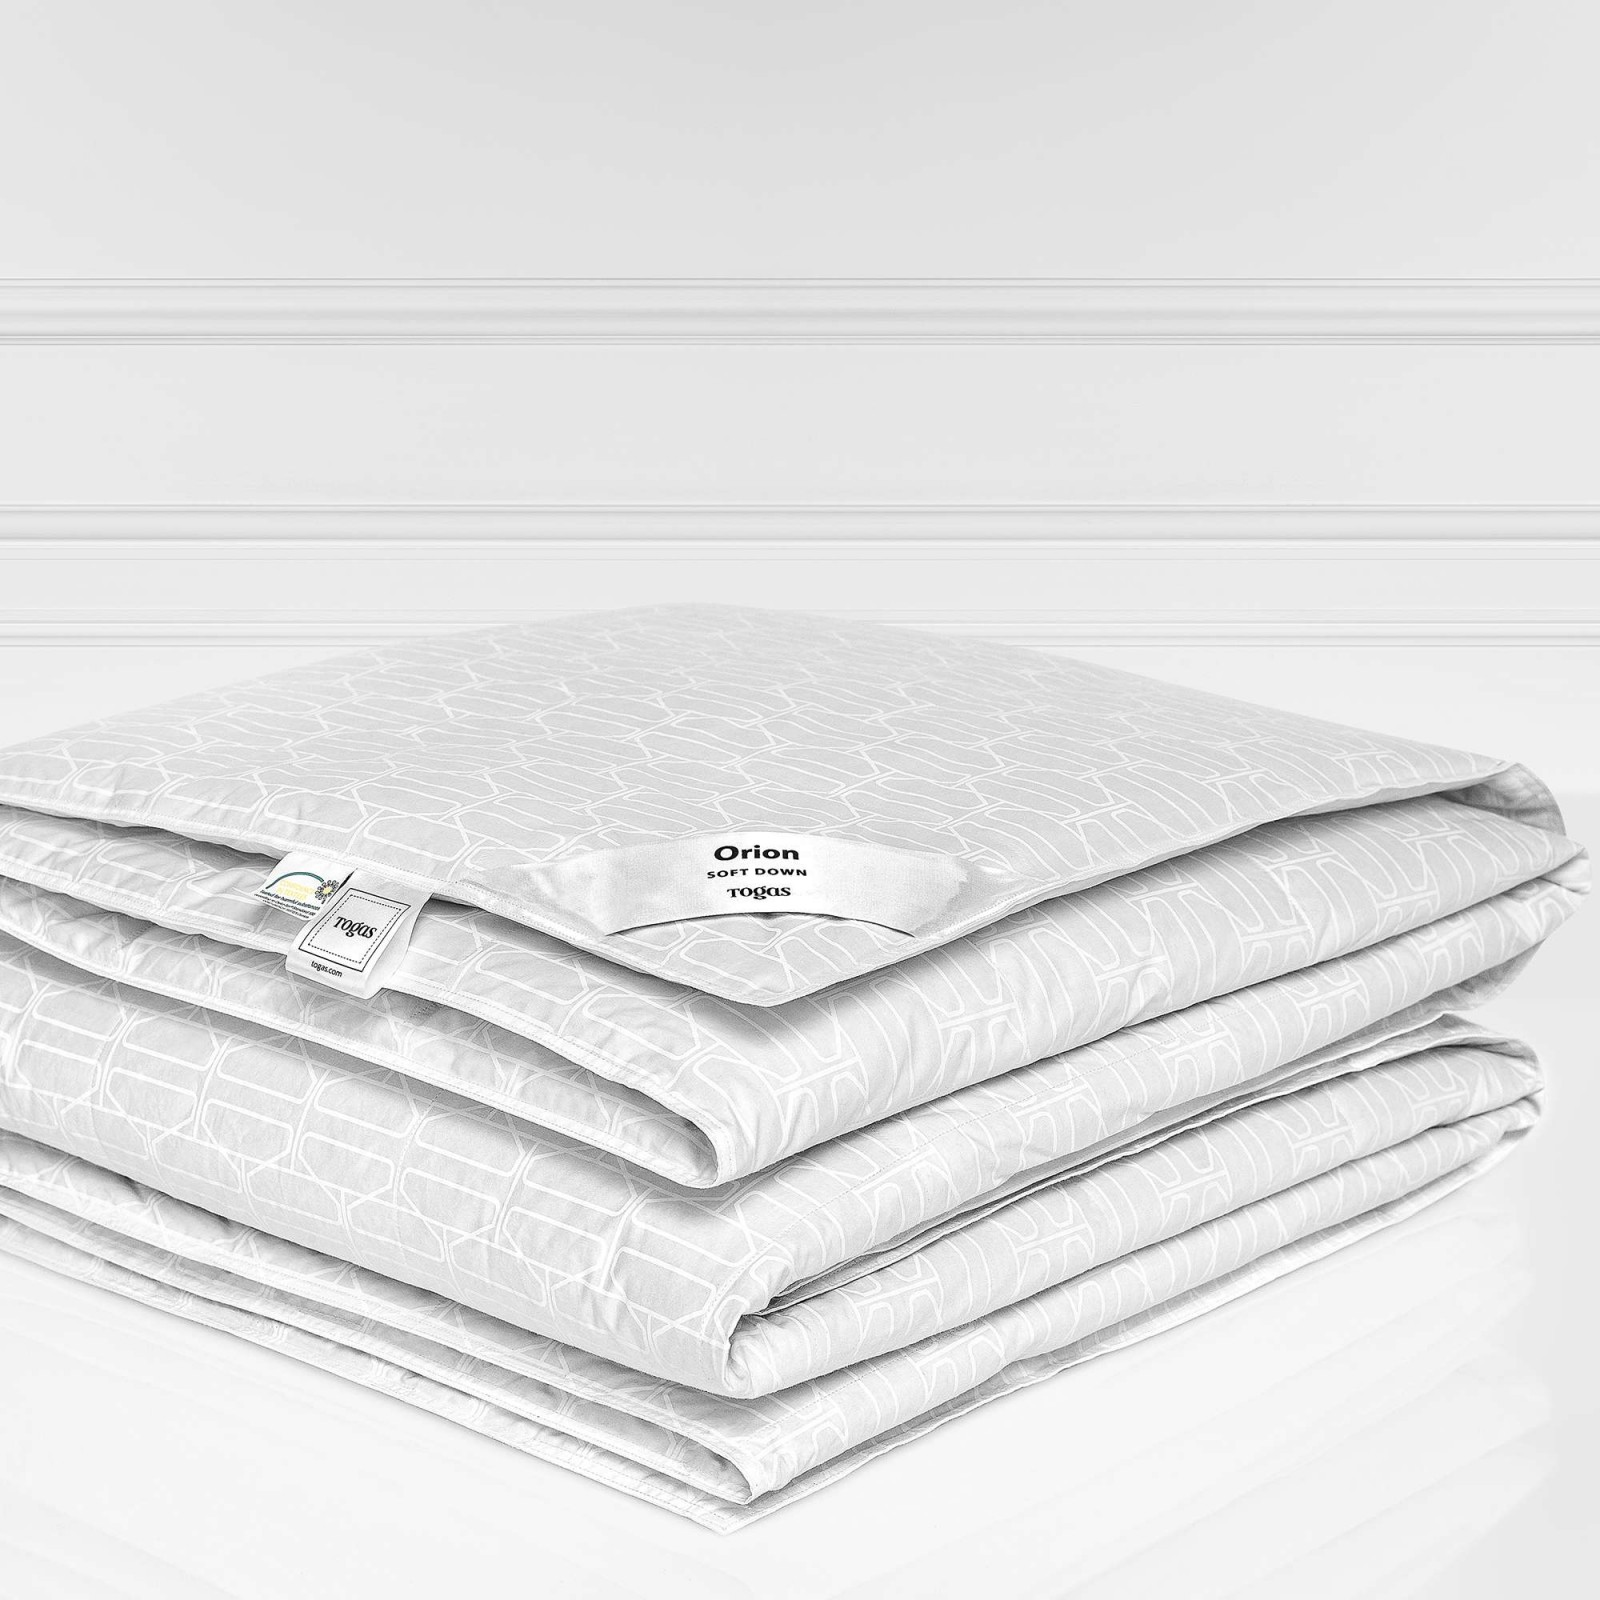 где купить Одеяла Togas Одеяло Орион Всесезонное (200х210 см) по лучшей цене